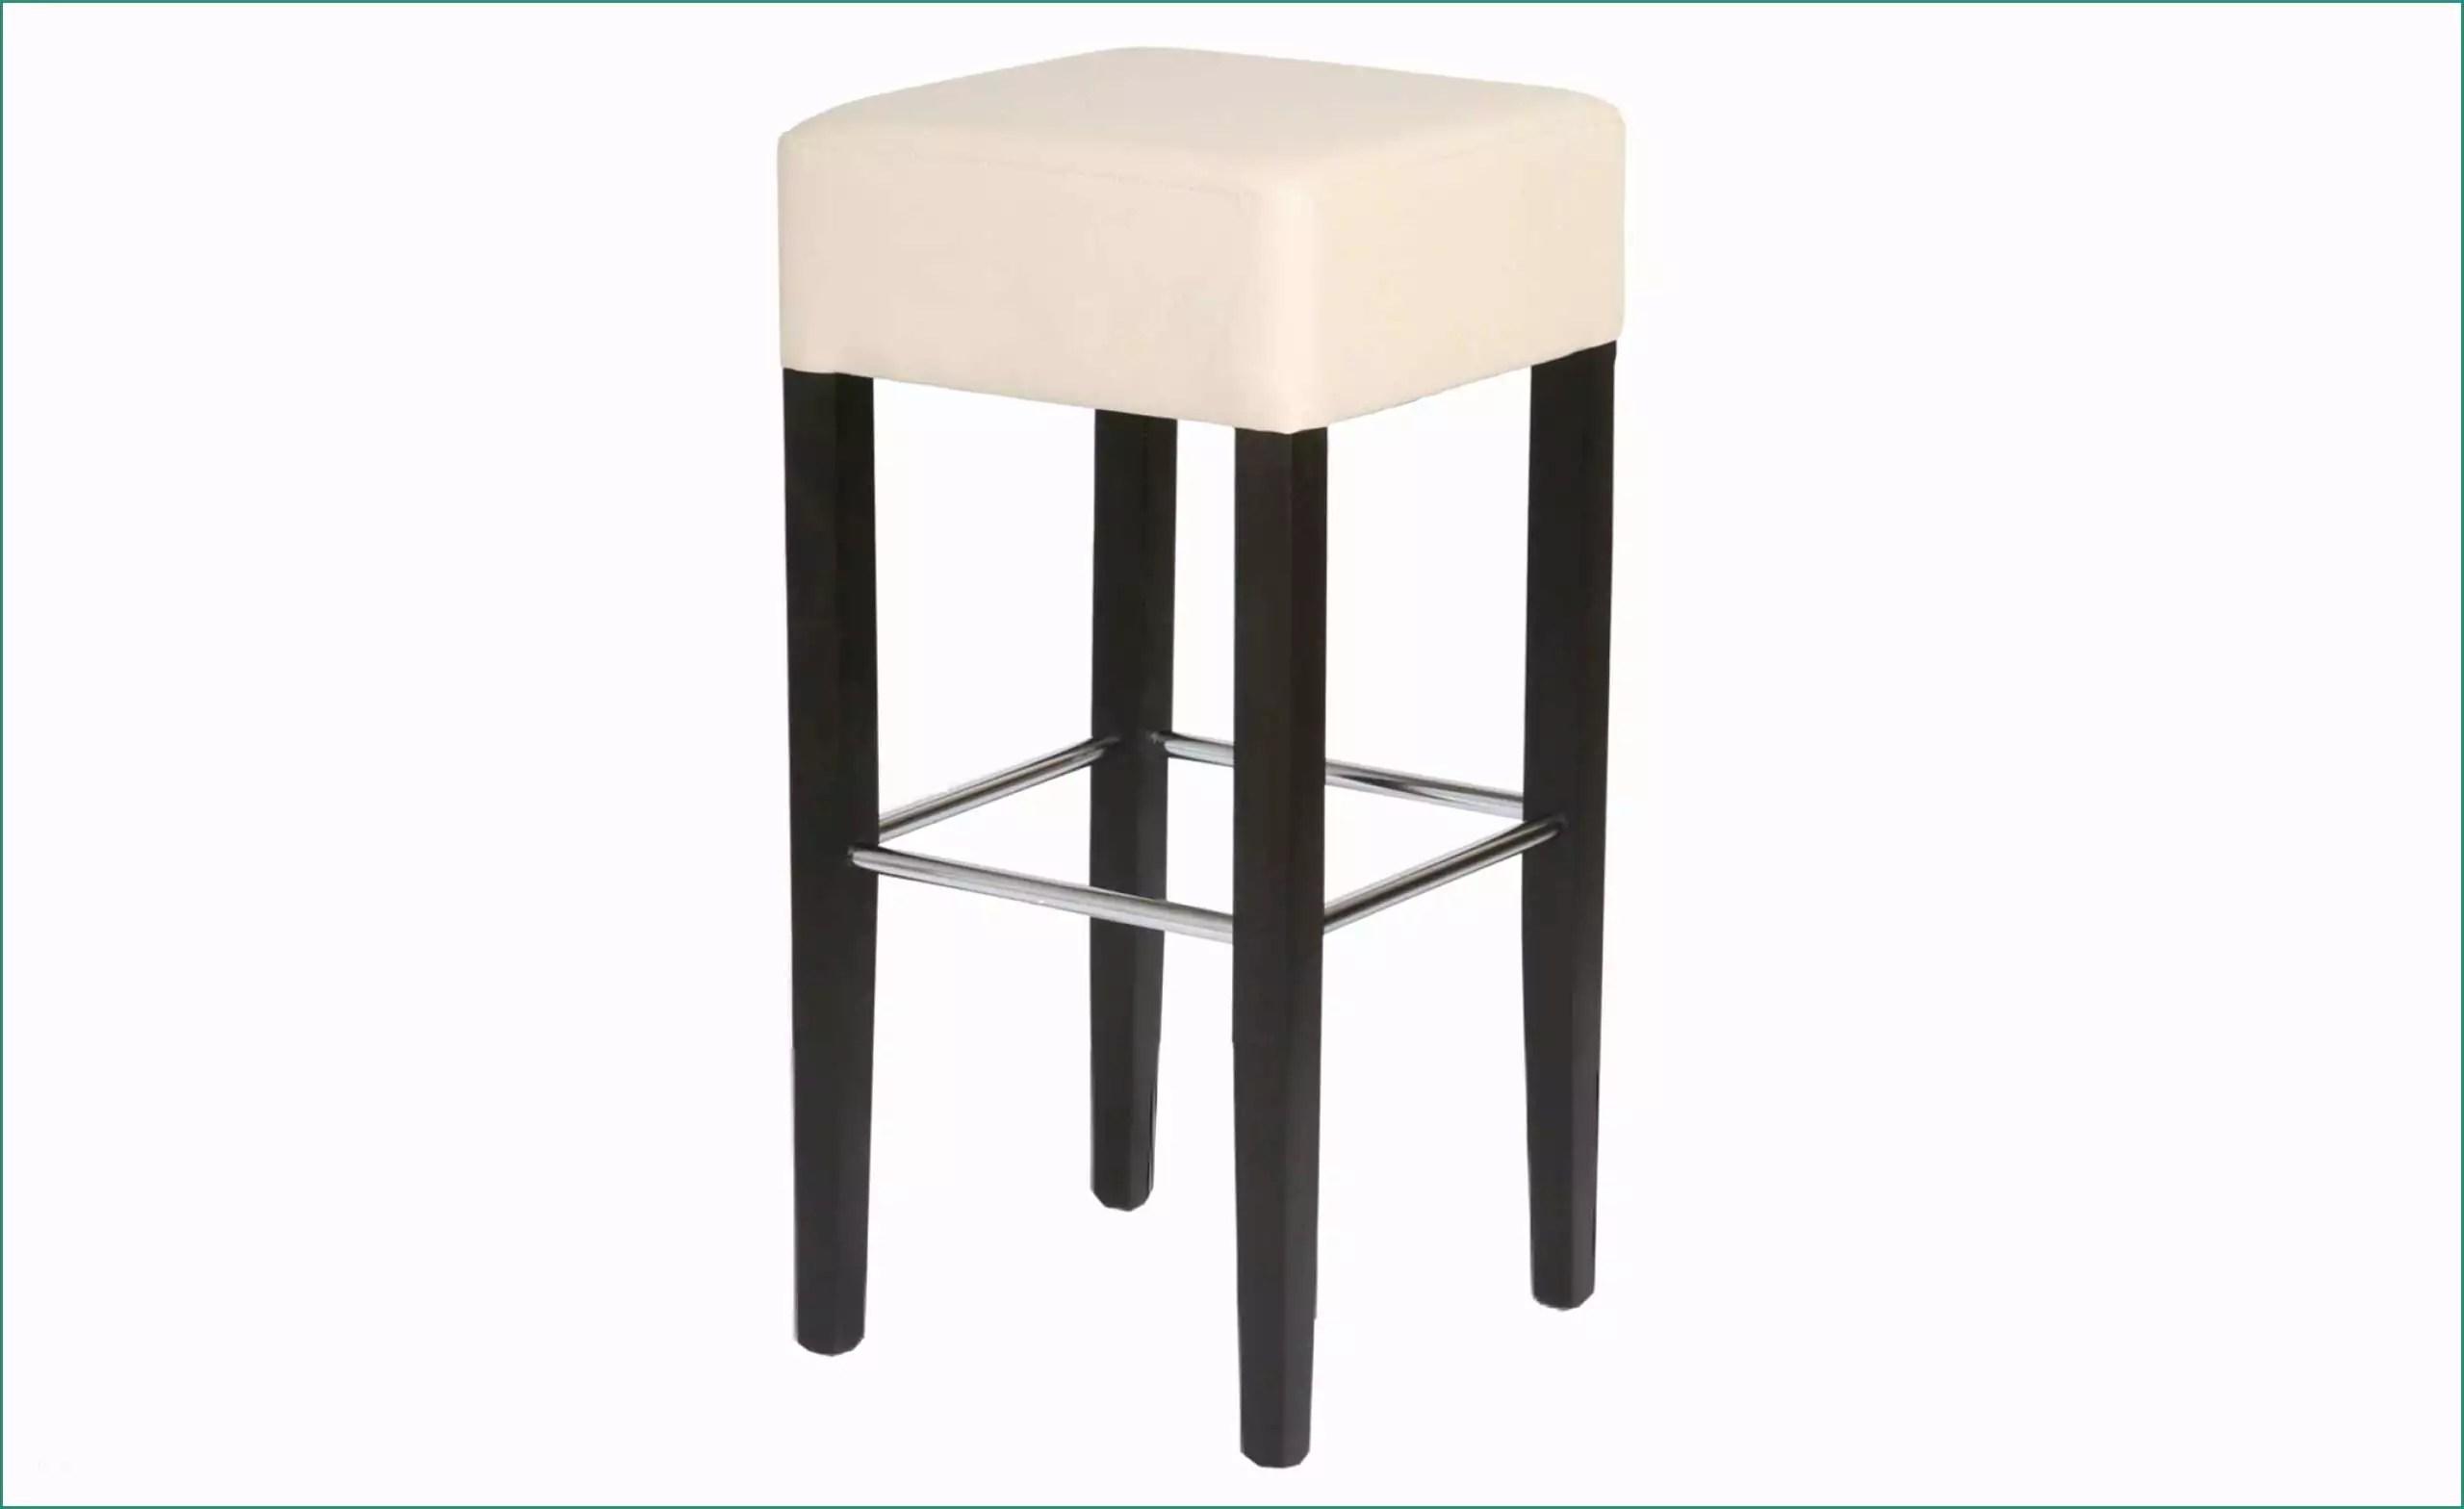 Sgabelli Alti Ikea | Isola Cucina Con Sgabelli Disegno Cucina Mobile ...